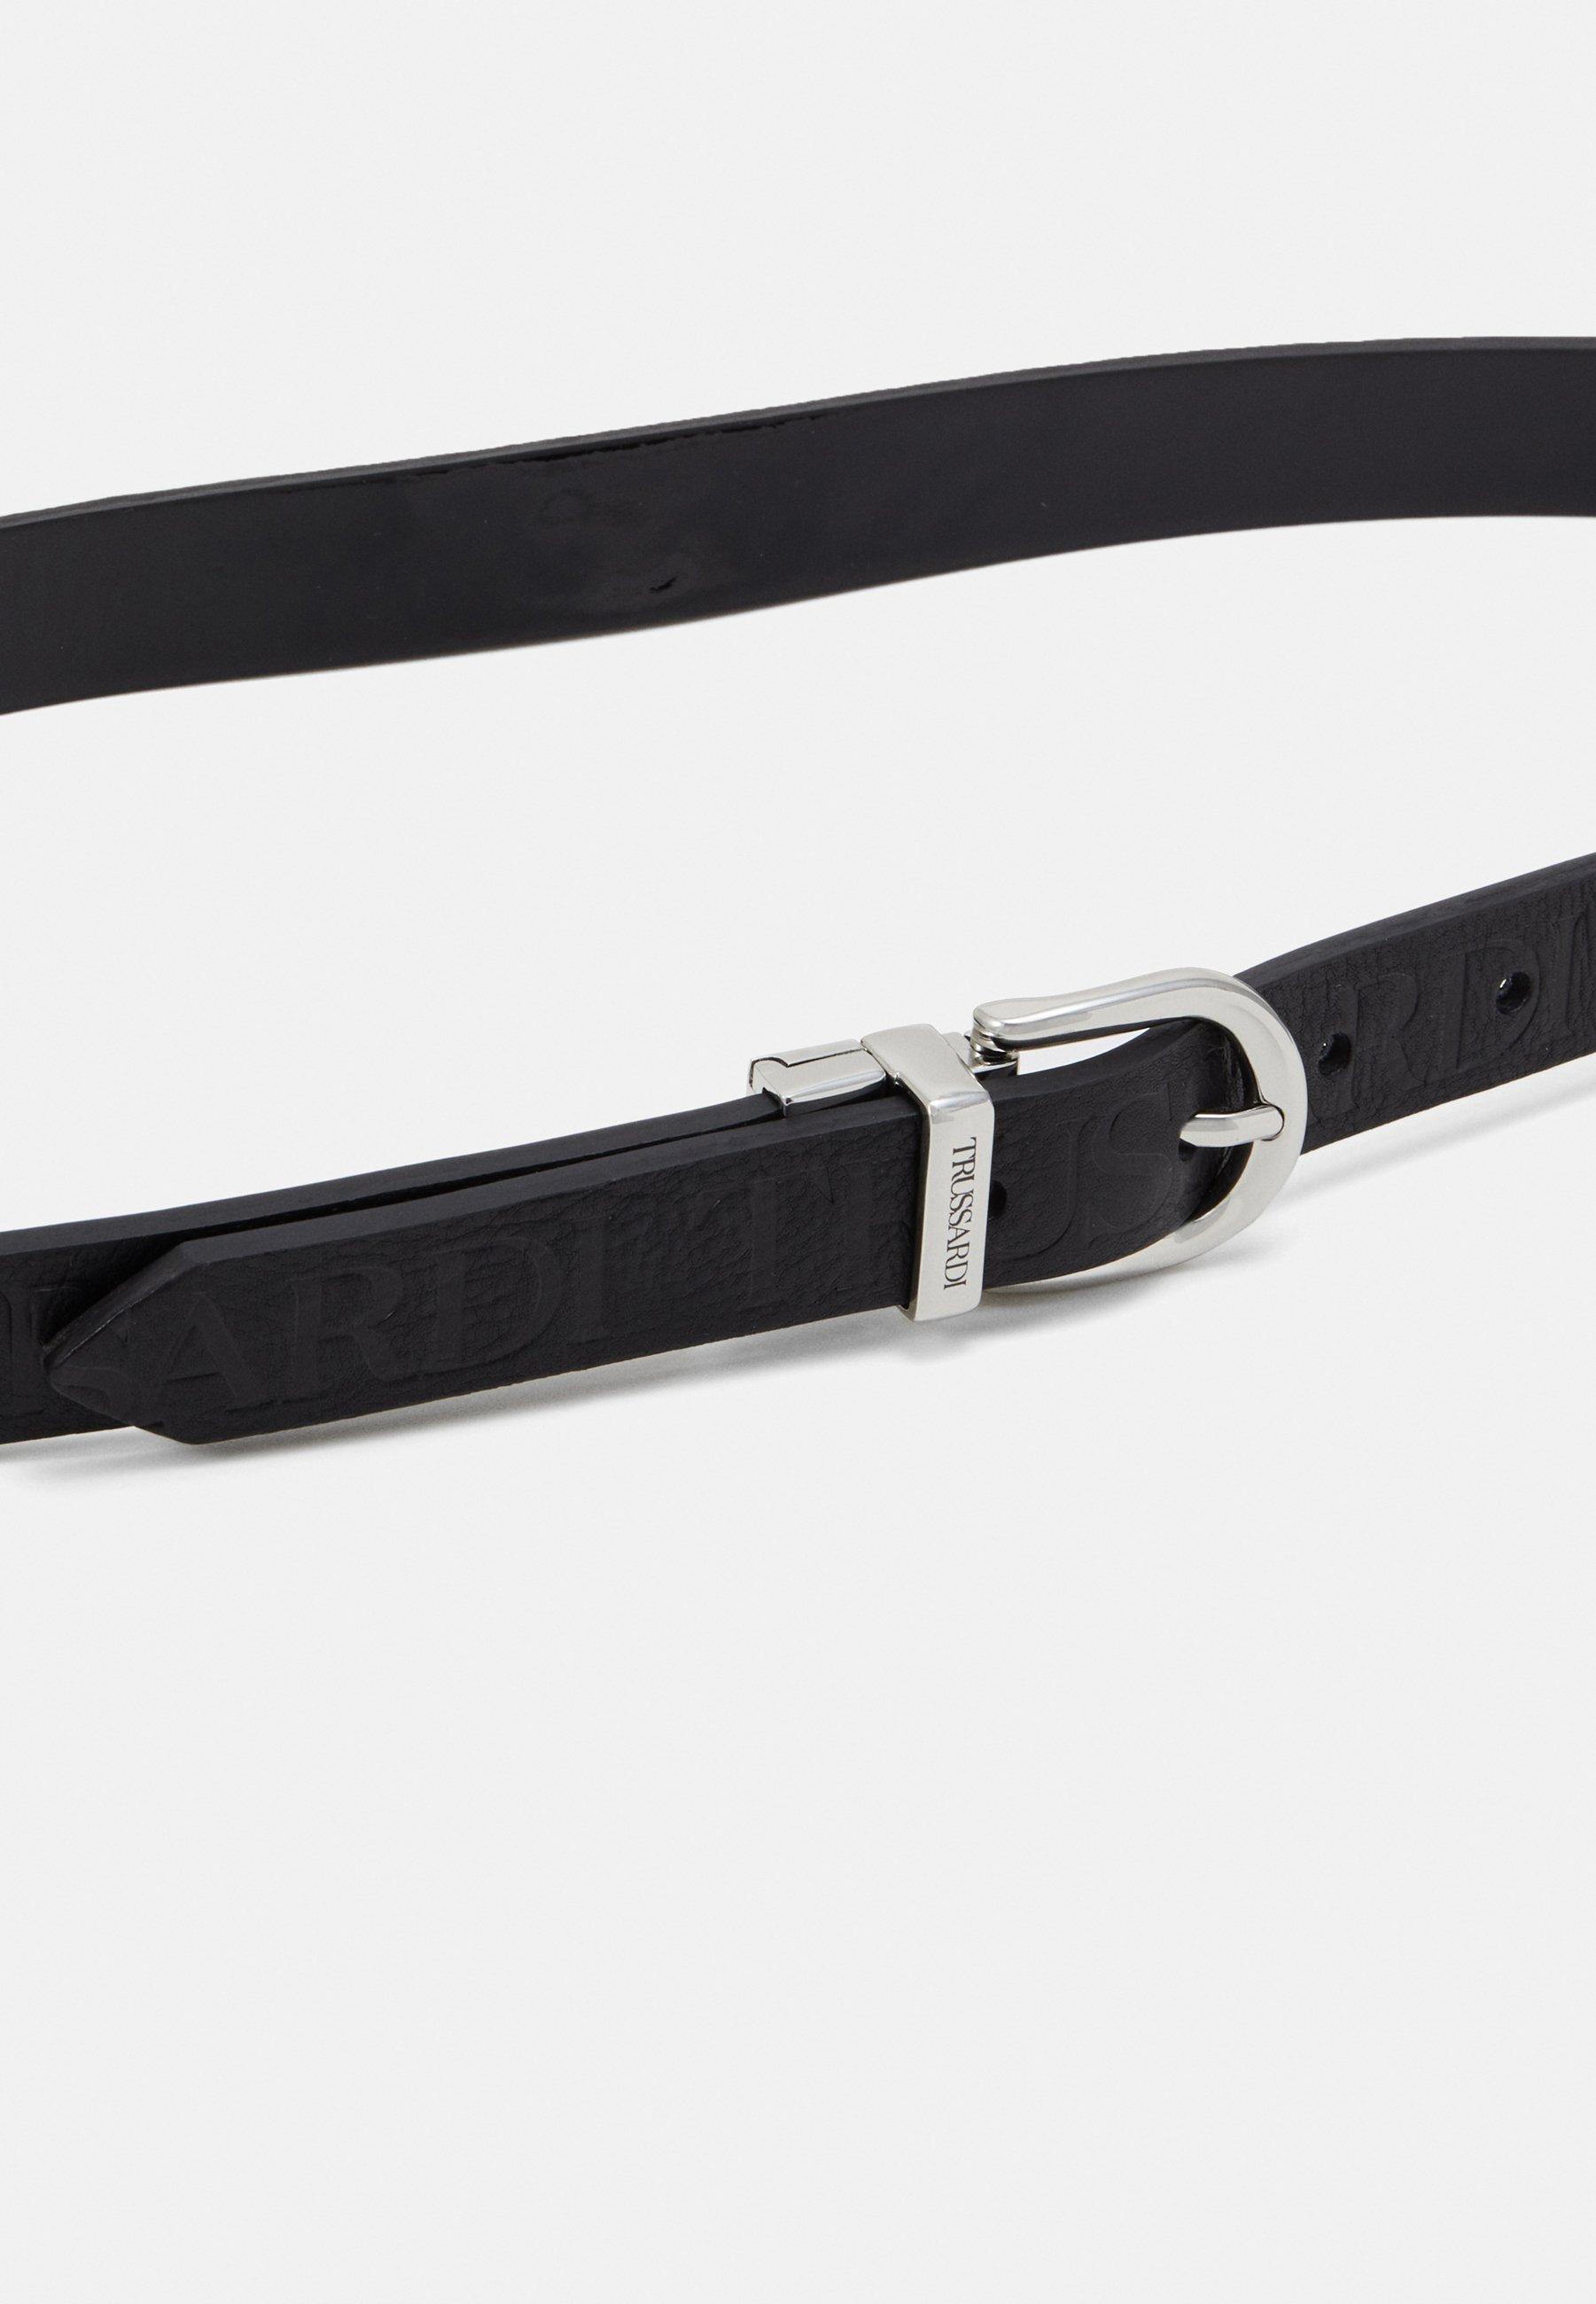 Trussardi LOGO REGULAR BELT PATENT - Belte - black/svart J1YaPngqtJBieF6